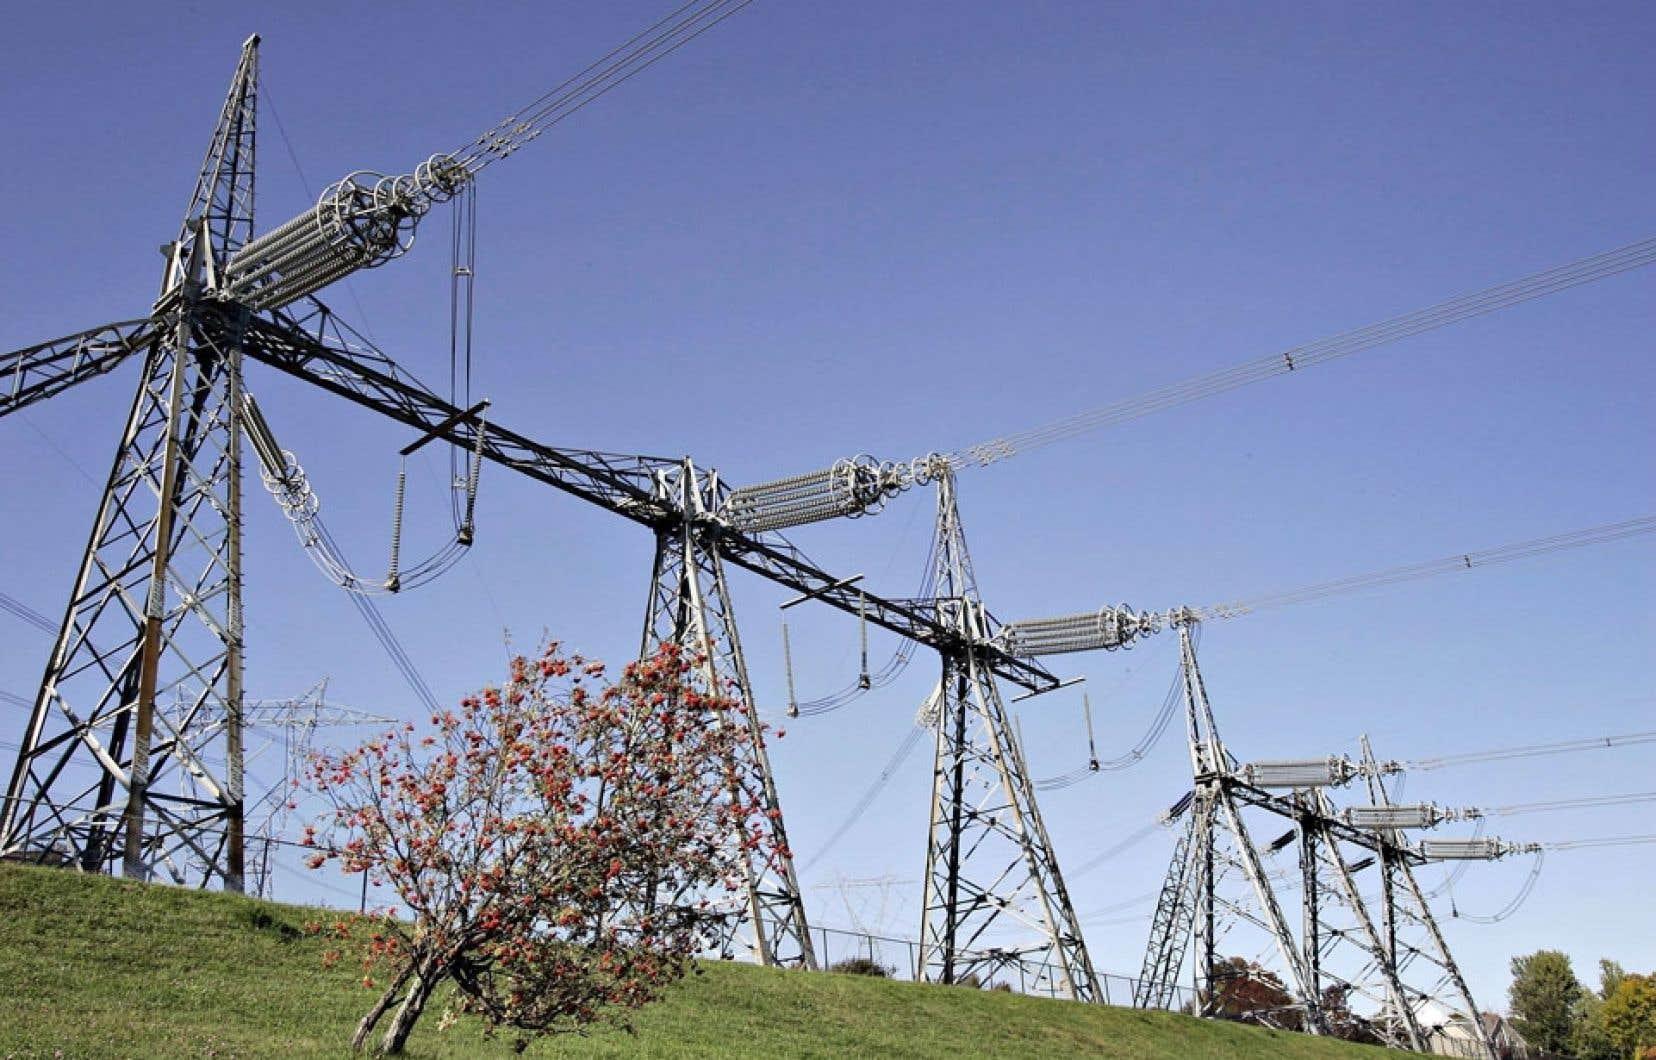 «Il n'y a aucune preuve crédible qu'Hydro-Québec, en refusant de renégocier les conditions tarifaires du contrat d'électricité, a agi autrement qu'en tout respect et en pleine conformité de ses obligations contractuelles», a tranché le juge Joel Silcoff.